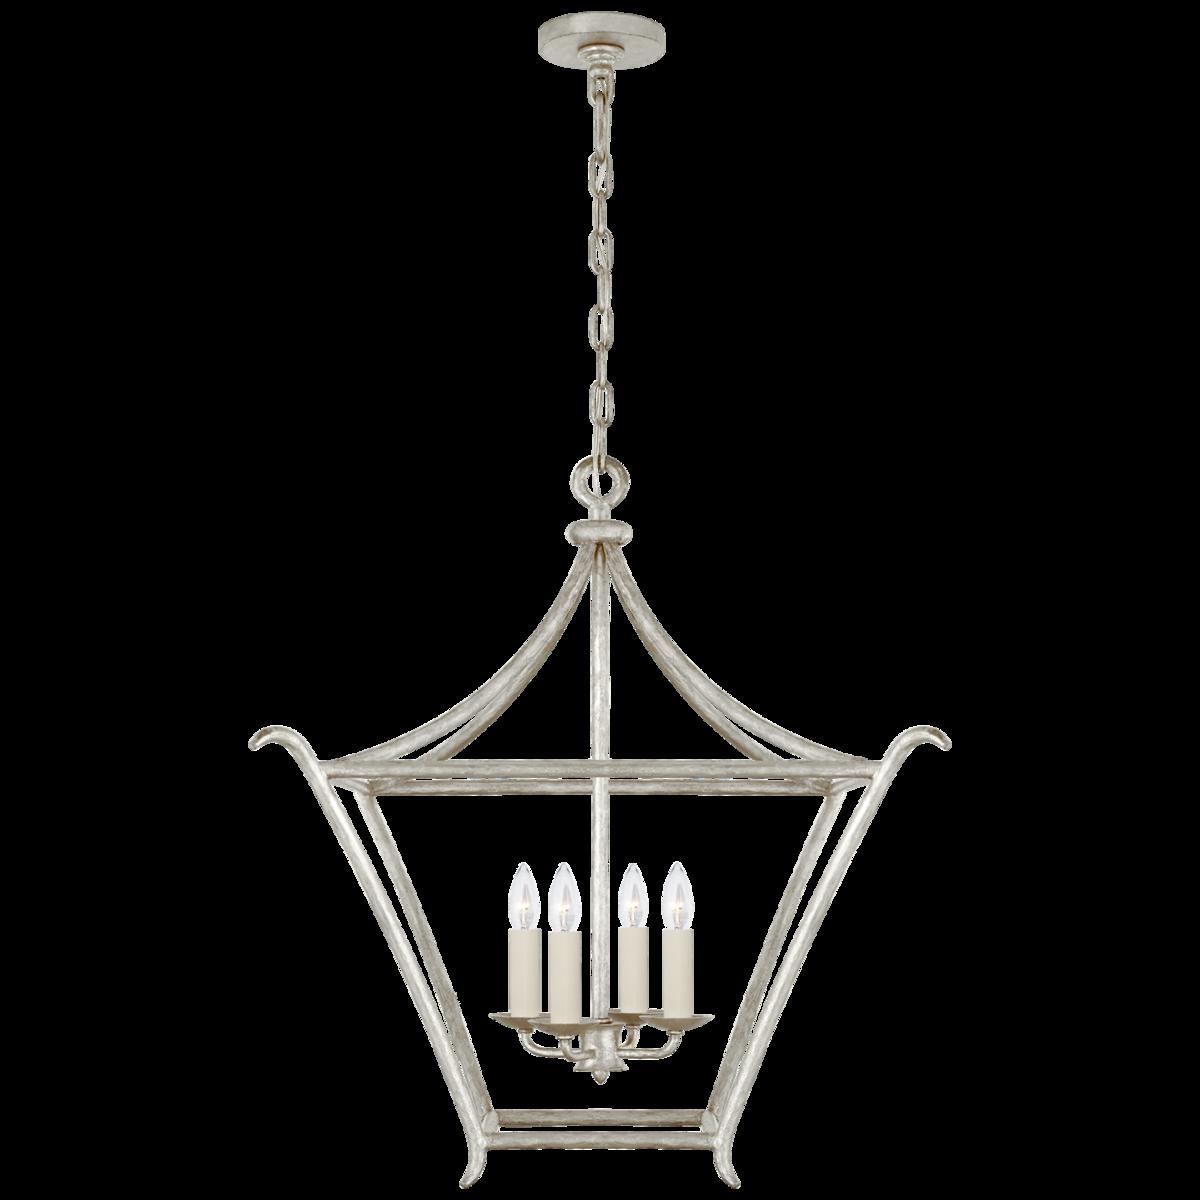 Aria Medium Square Lantern